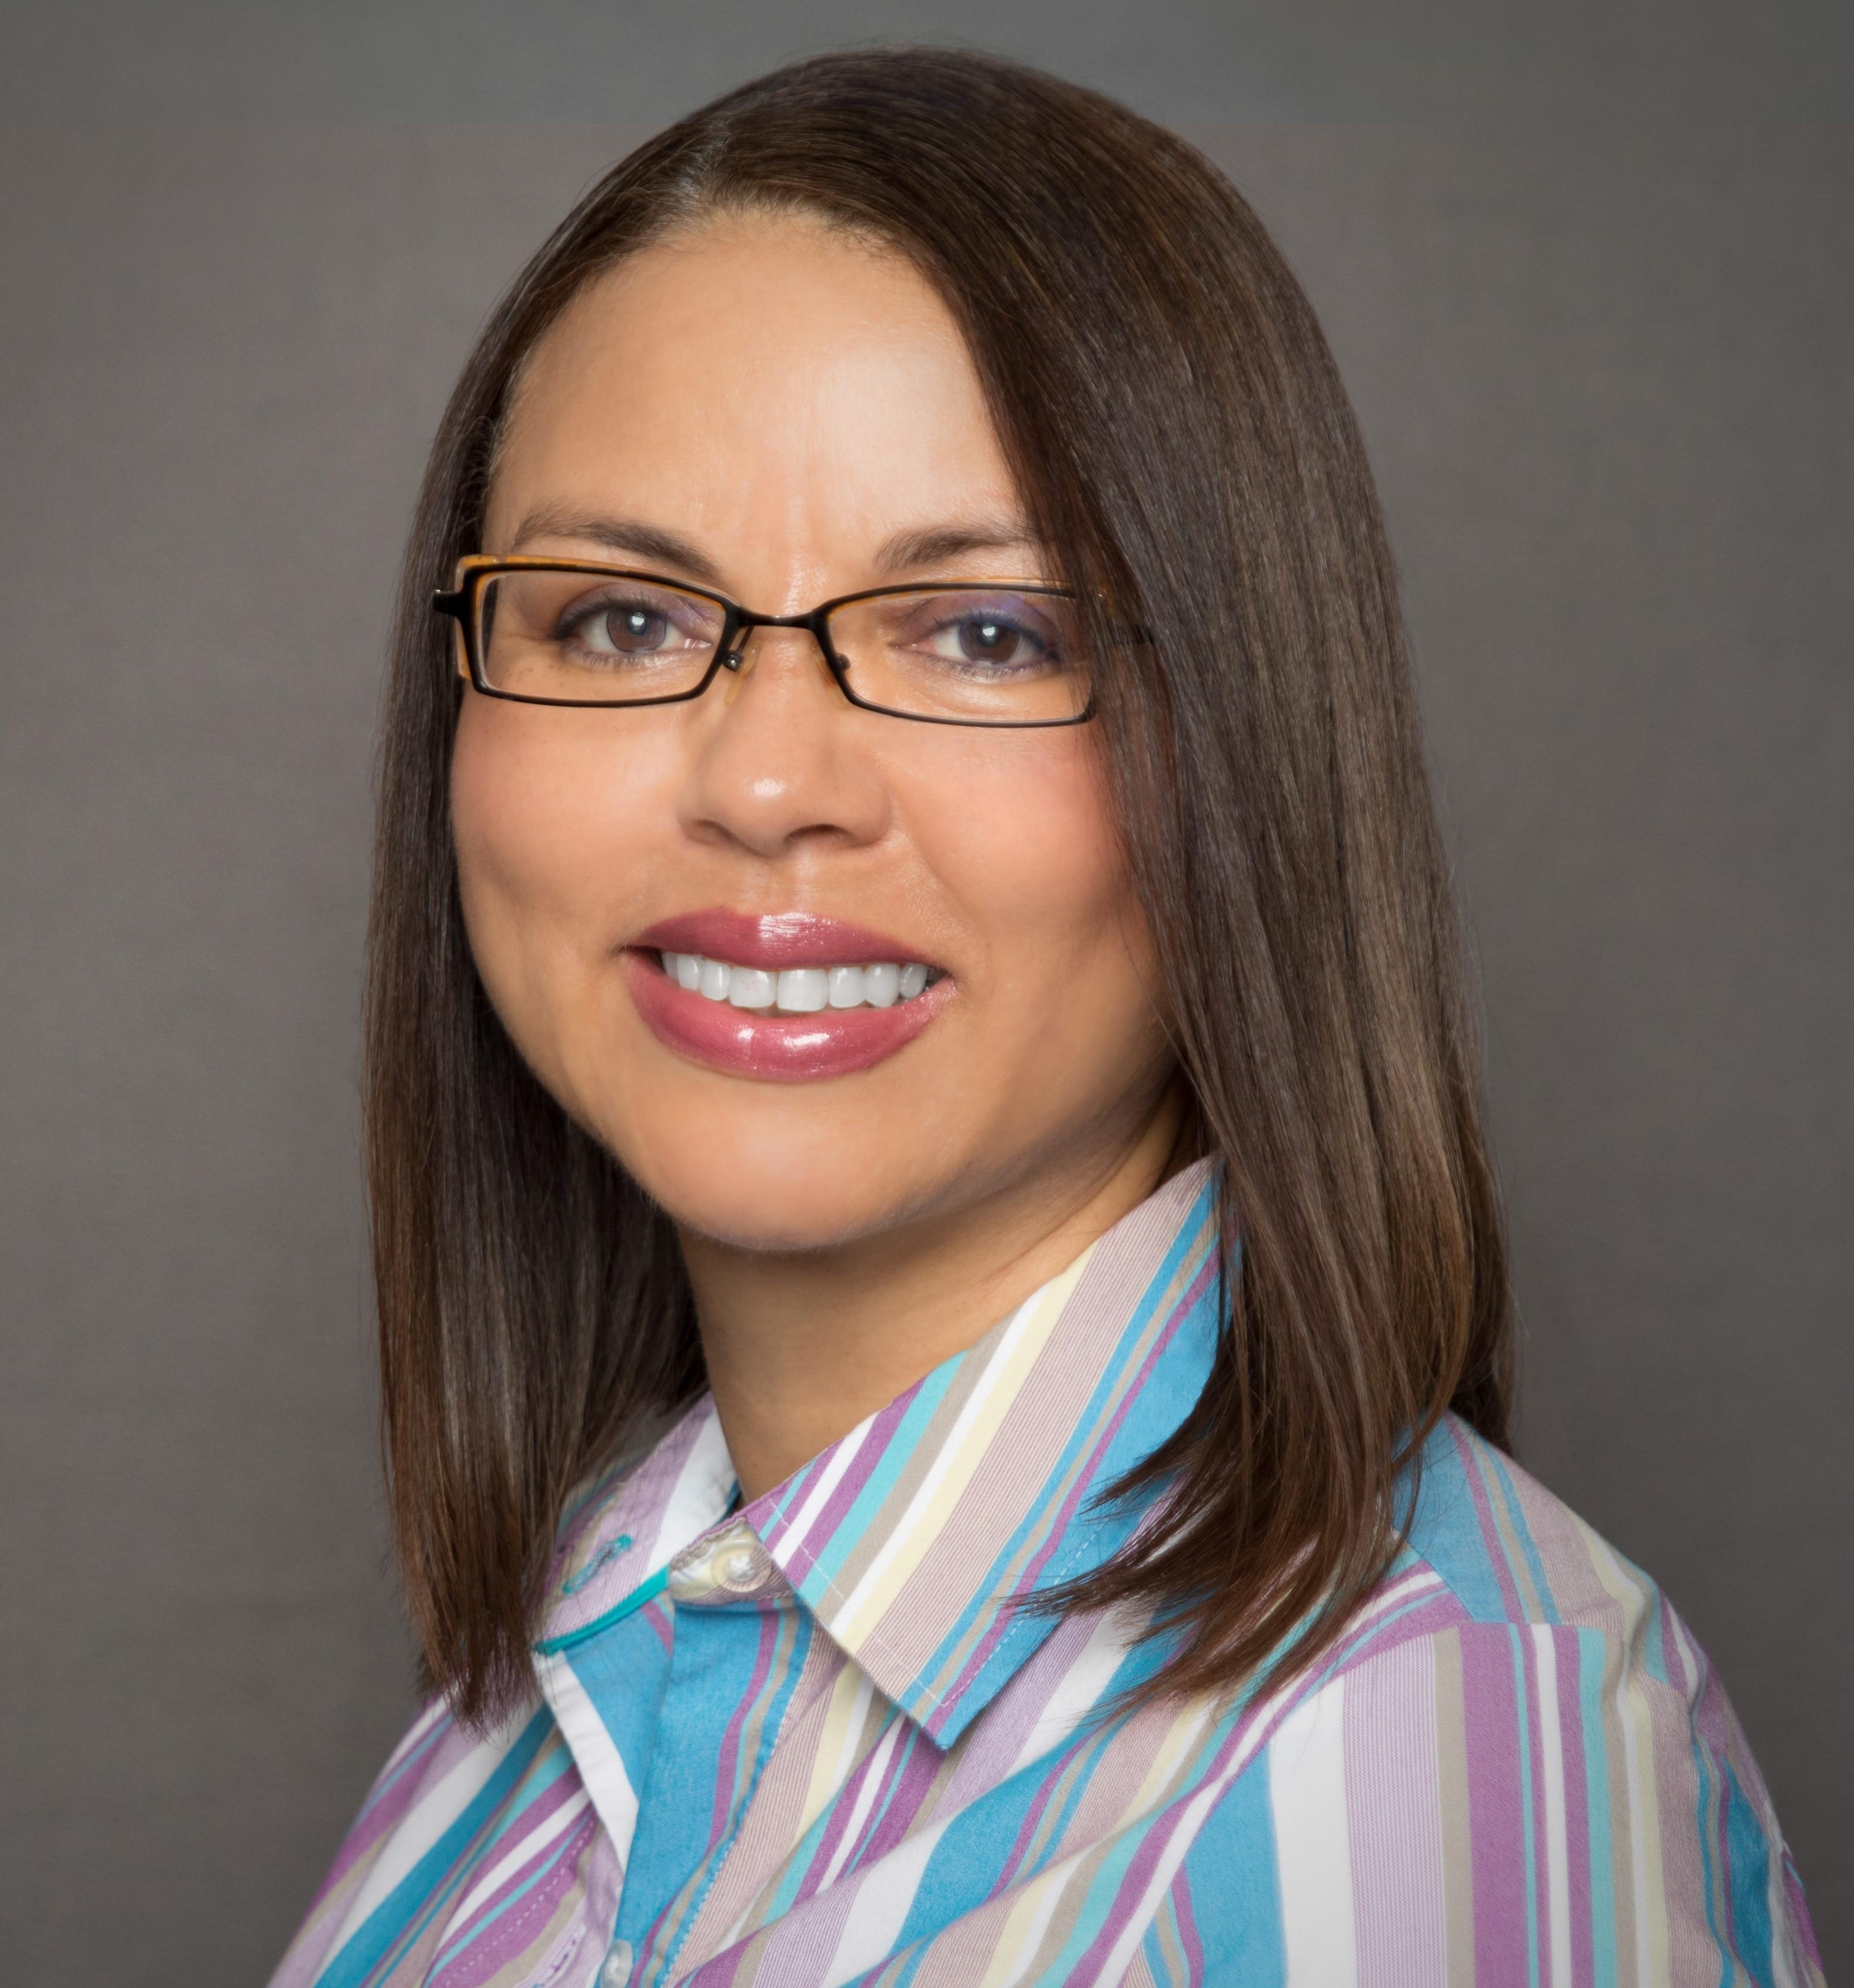 Jacqueline Gutierrez